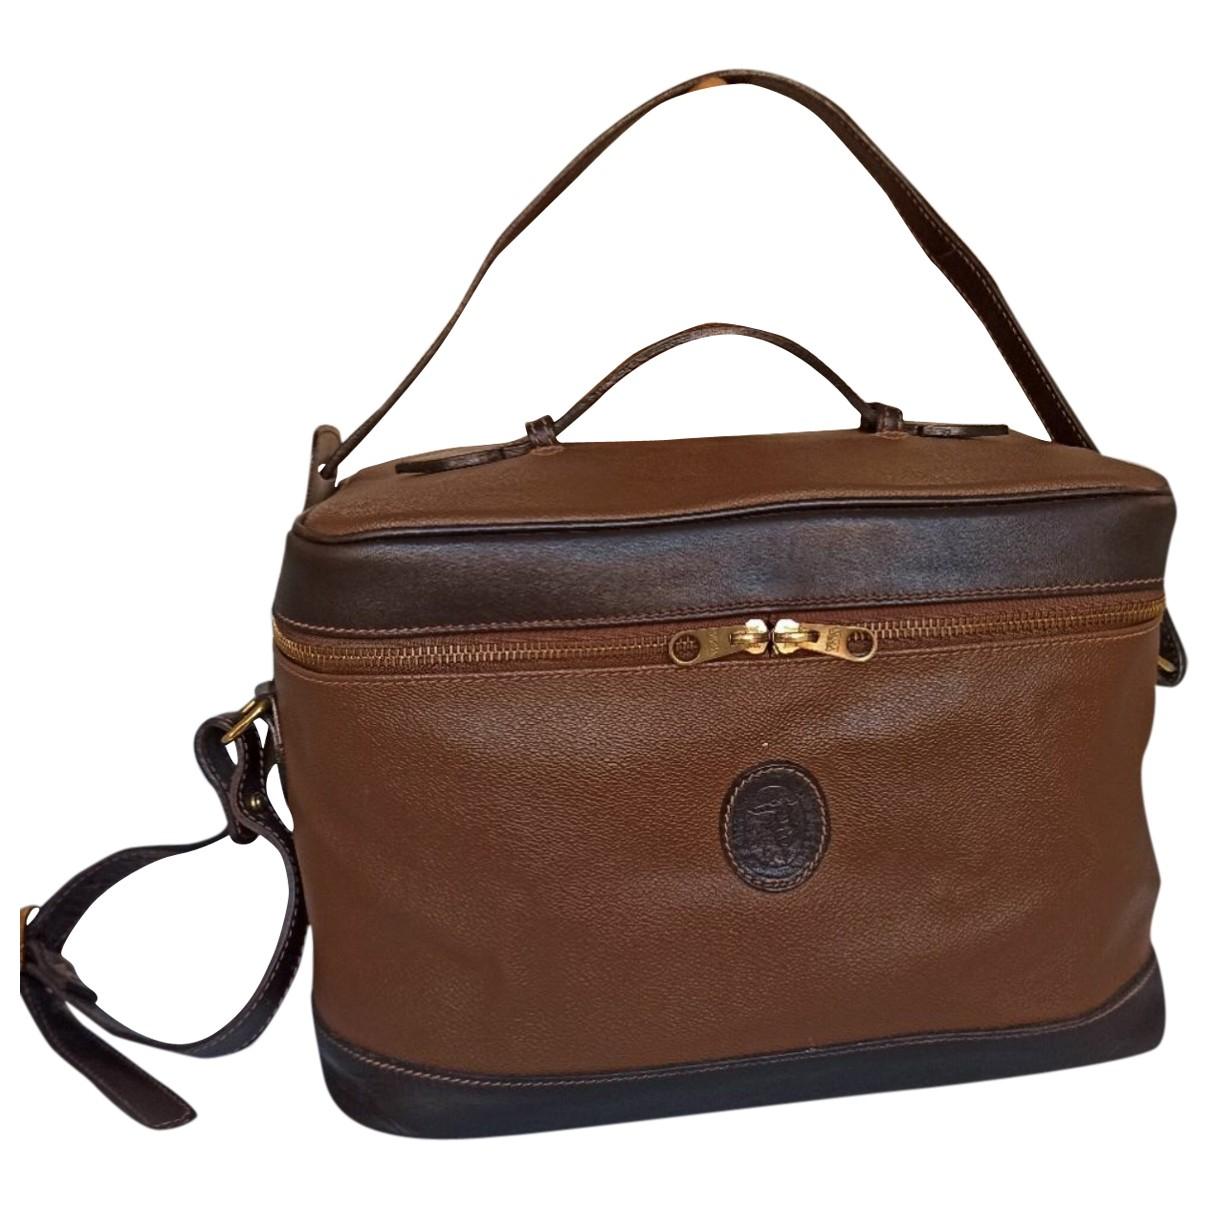 Trussardi - Sac de voyage   pour femme en cuir - marron